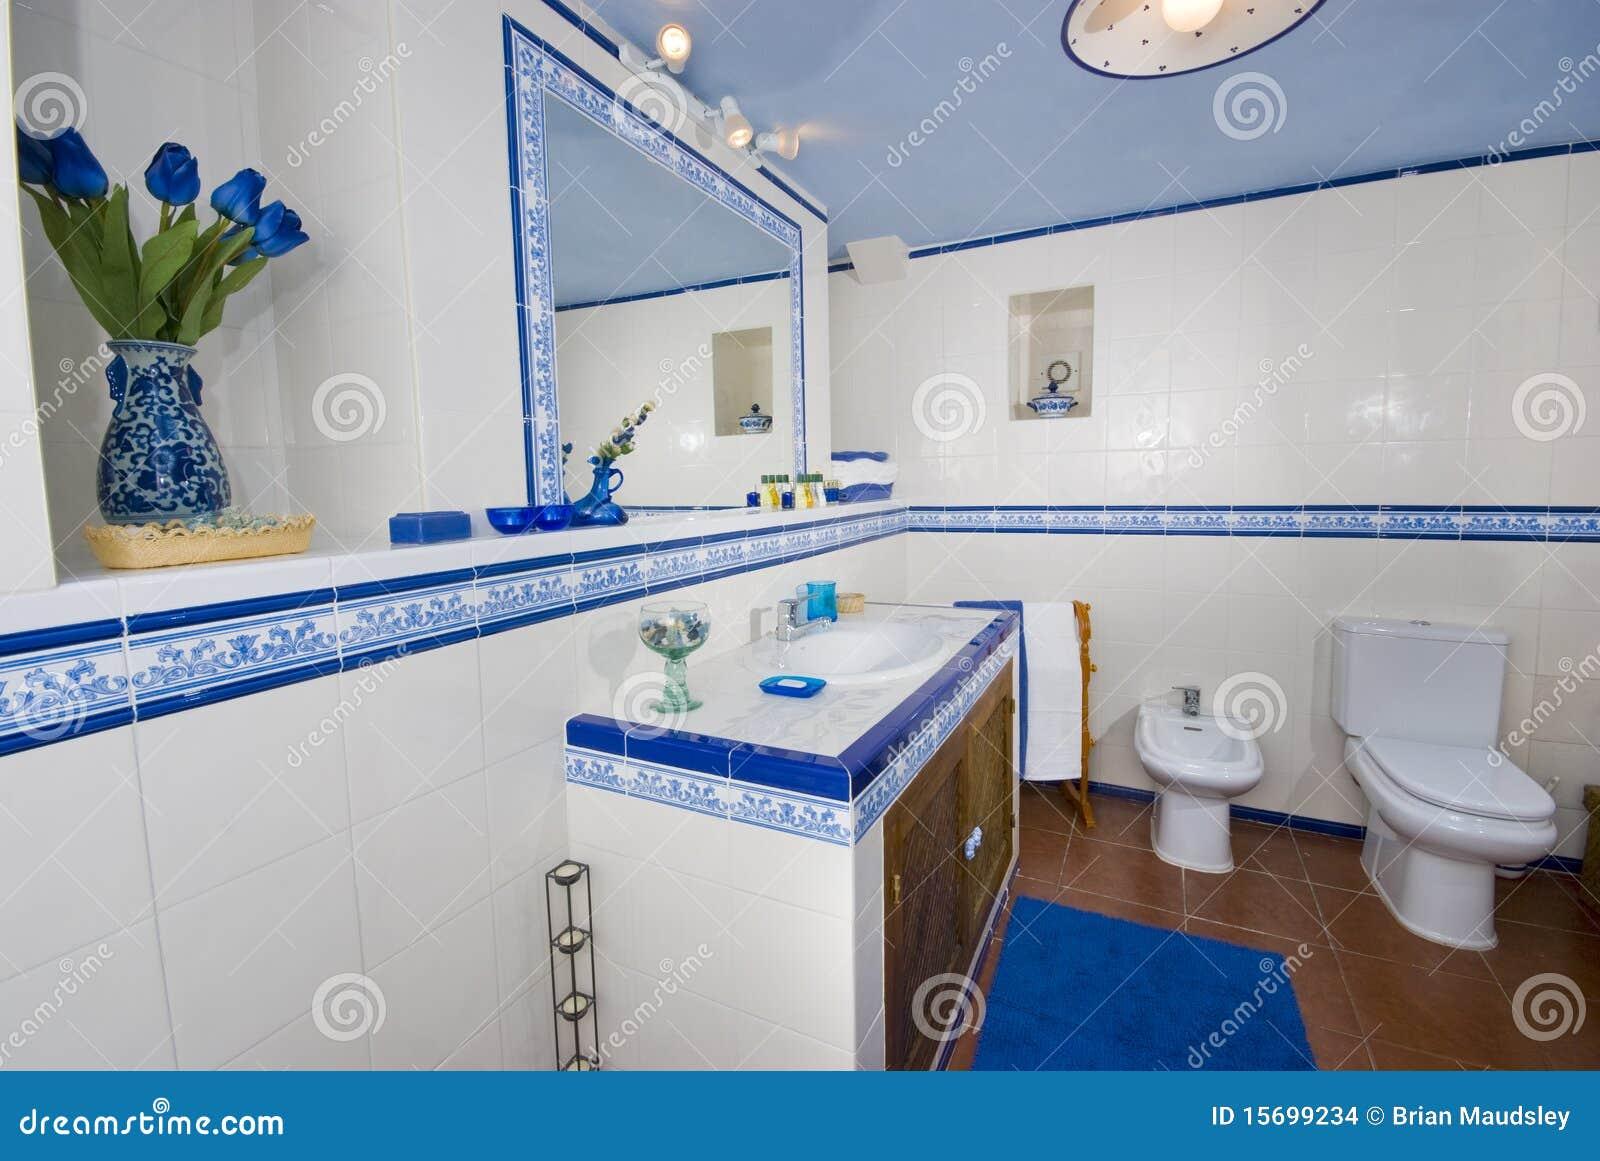 Cuarto De Baño Rústico Azul Y Blanco. Foto de archivo - Imagen de ...